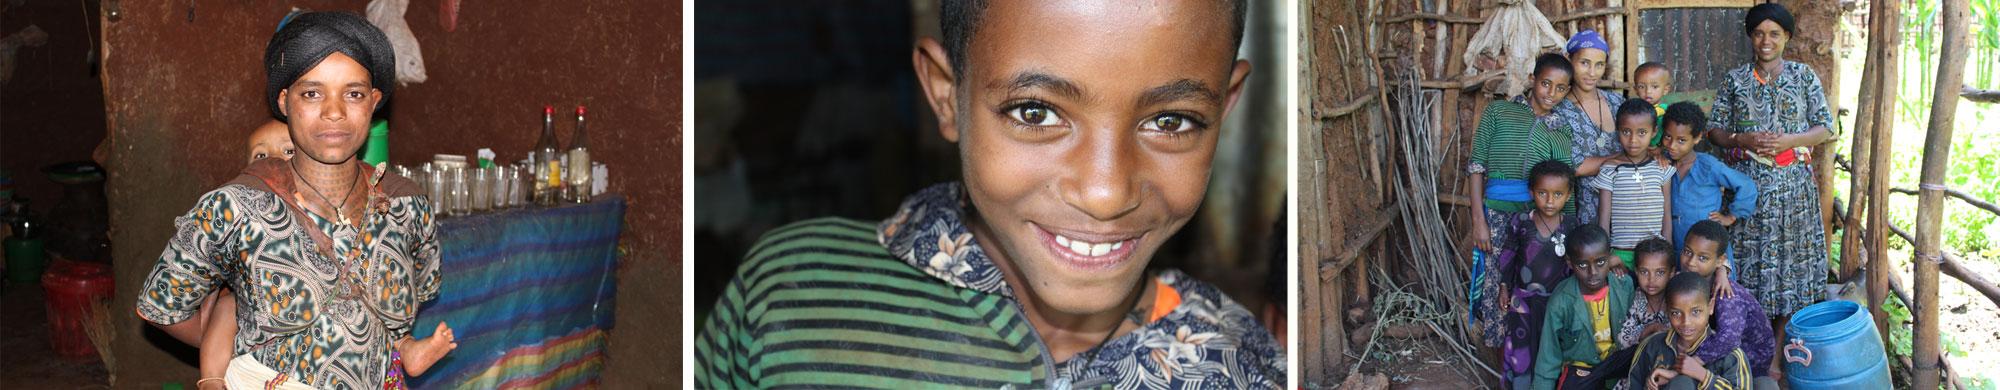 Tiruwerk : nourrir ses enfants malgré le manque de pluie !